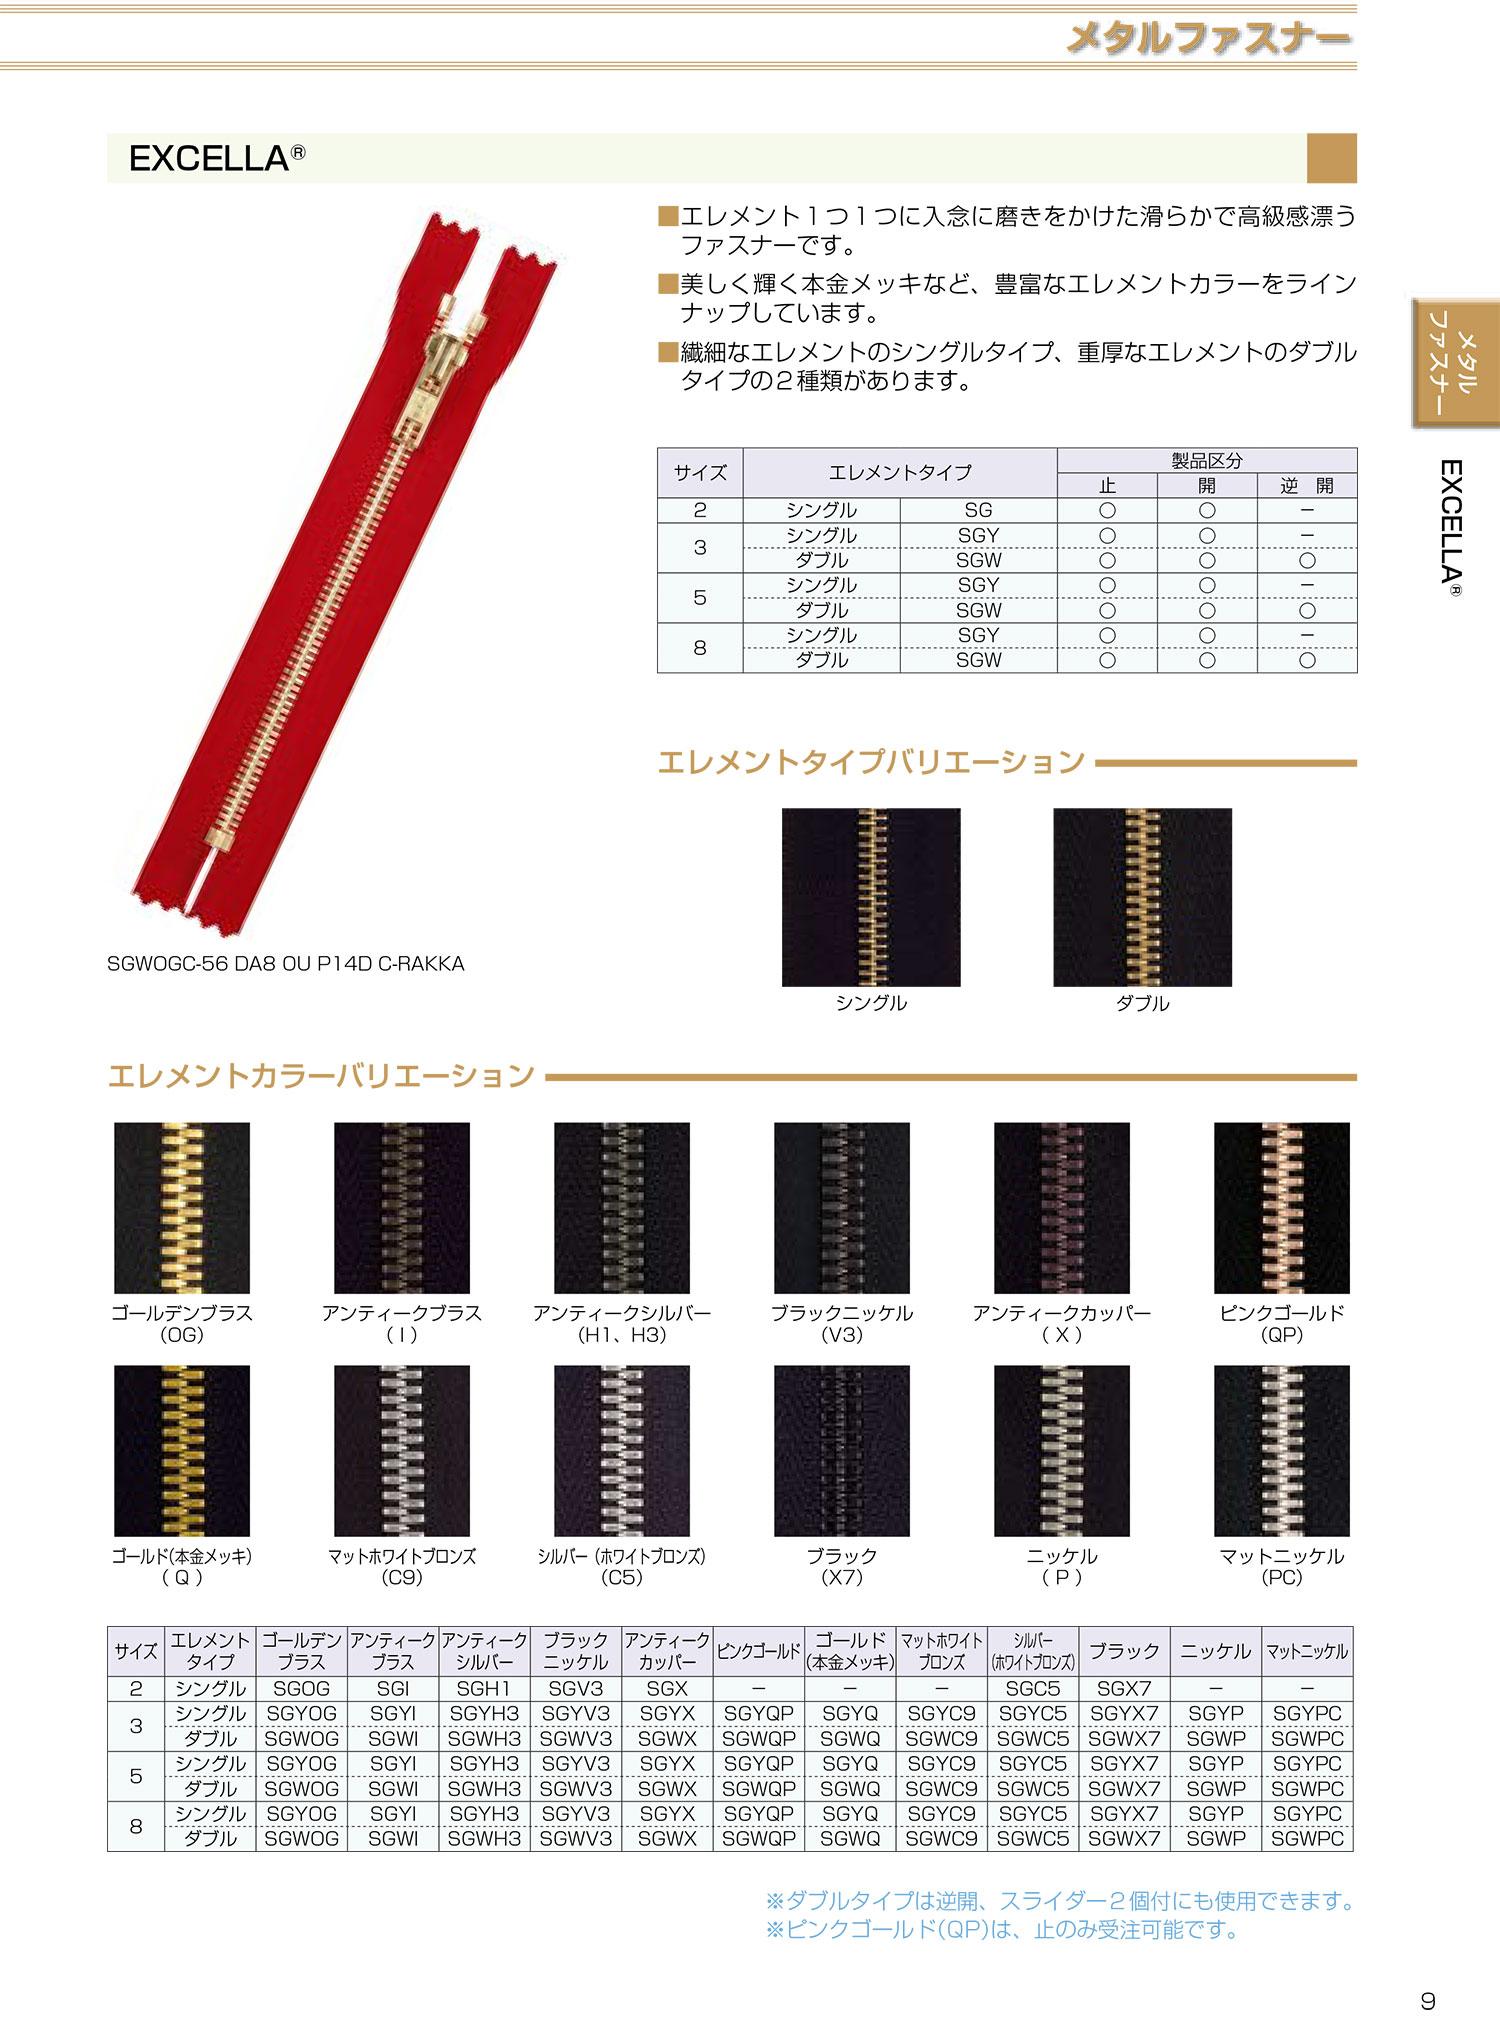 5SGWQPC エクセラ 5サイズ ピンクゴールド 止め ダブル[ファスナー] YKK/オークラ商事 - ApparelX アパレル資材卸通販